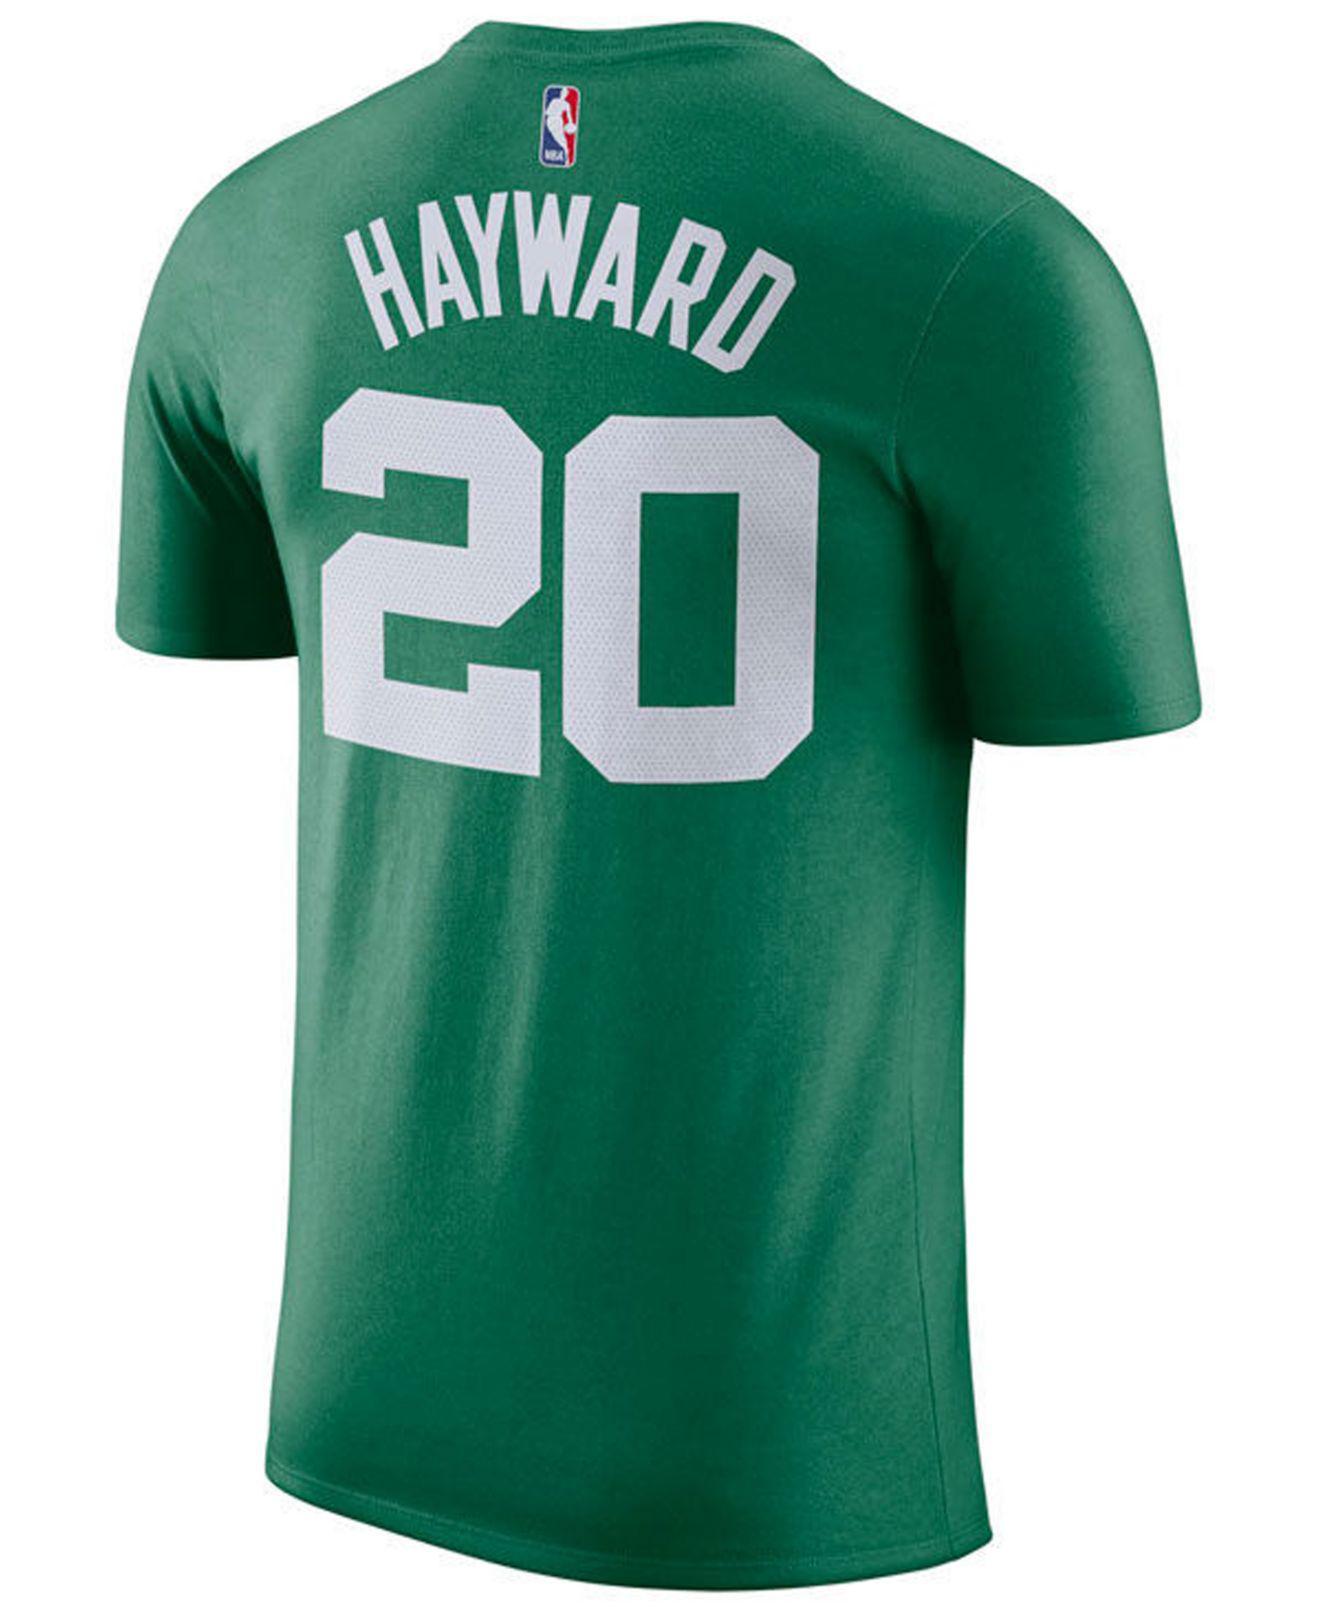 fb7a2a48d Lyst - Nike Gordon Hayward Boston Celtics Icon Player T-shirt in ...